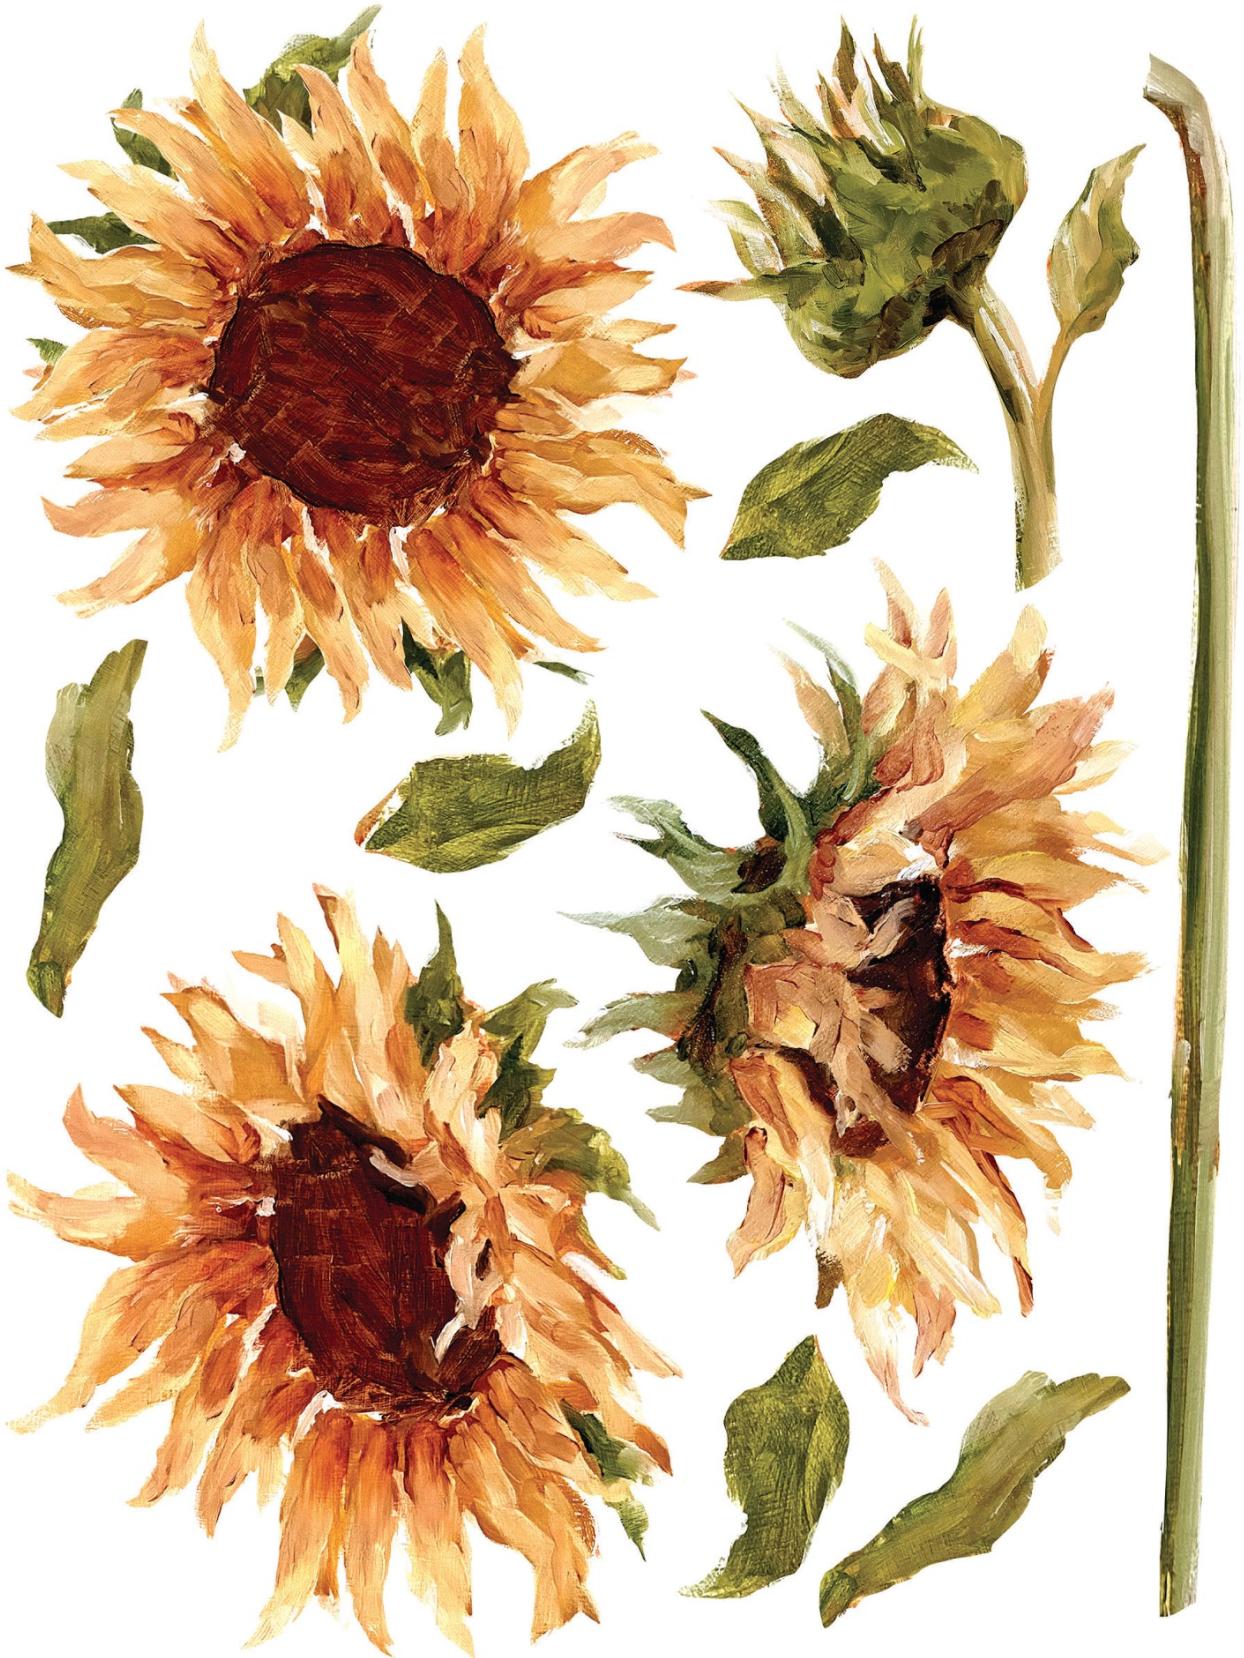 IOD Painterly Florals Dekortransfer